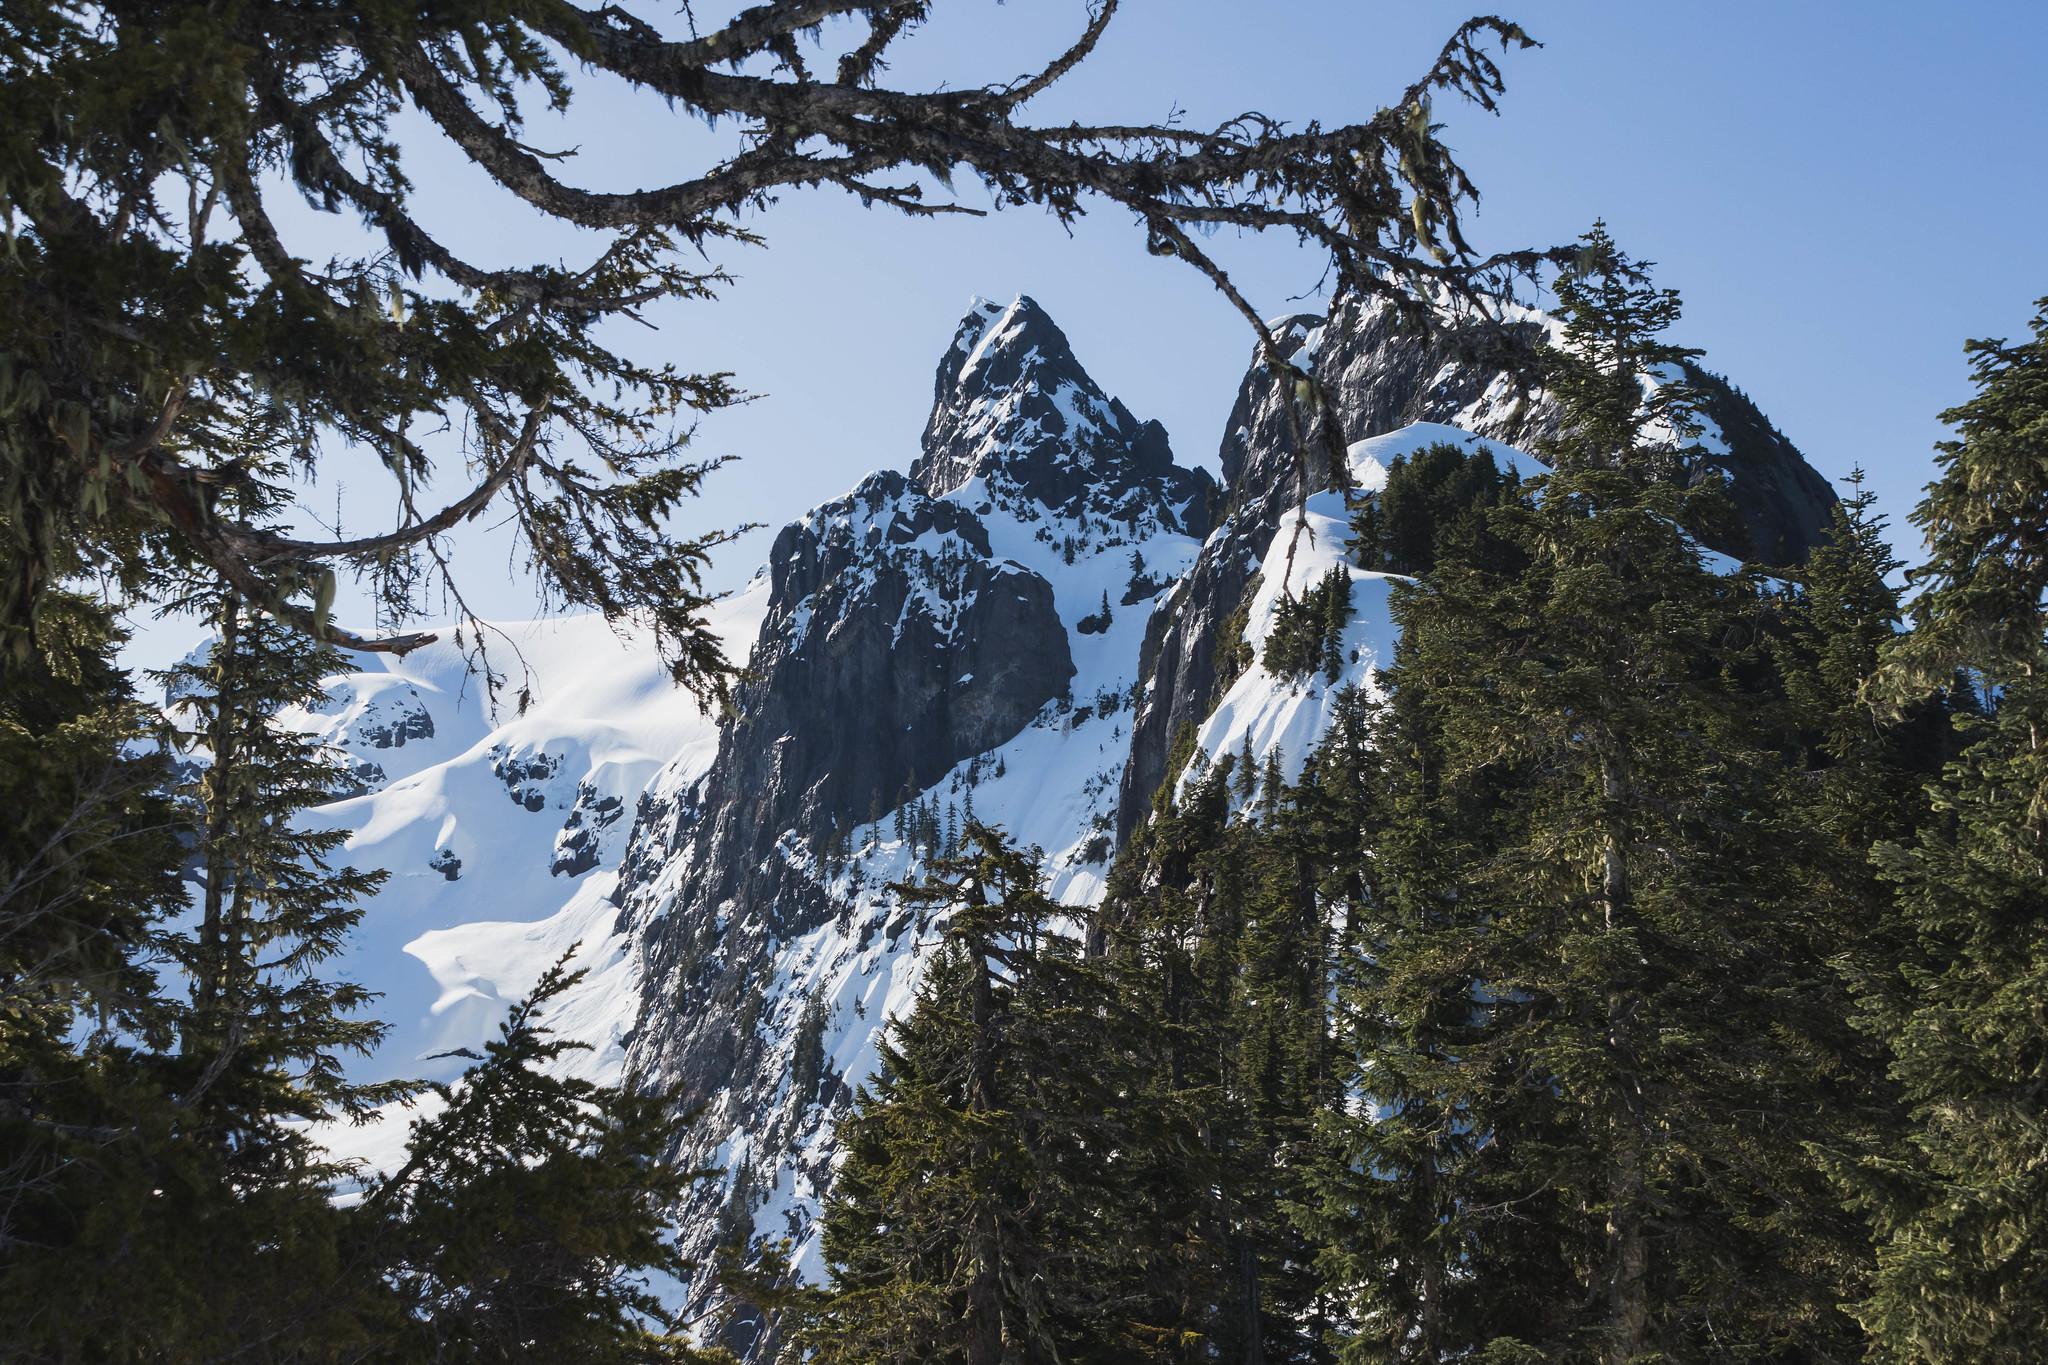 Whitehorse Mountain northwest ridge